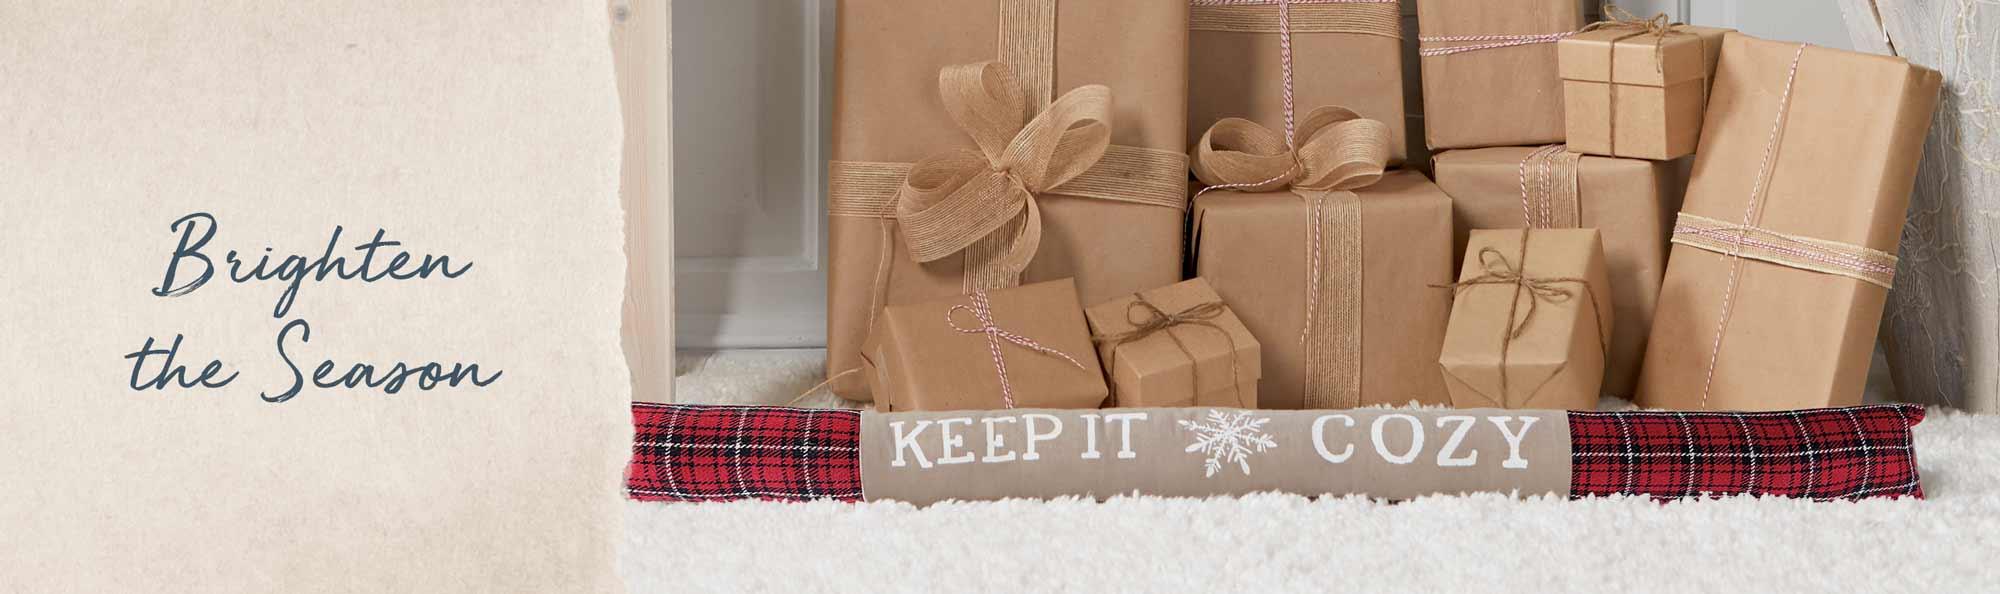 Brighten the season. Door stop with the words Keep it Cozy.